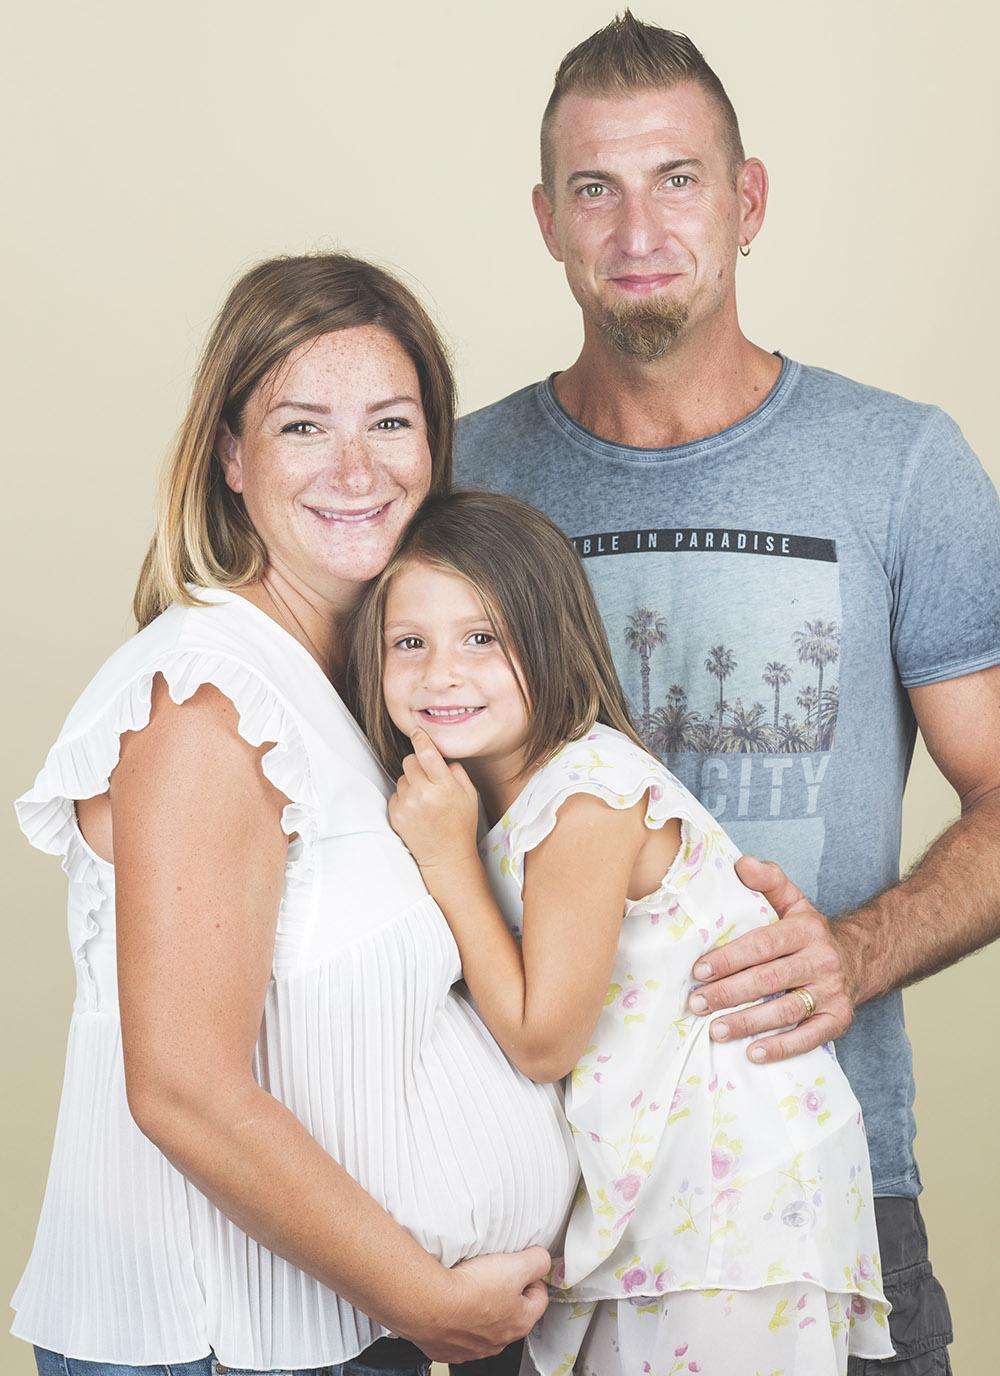 Foto di famiglia con pancione